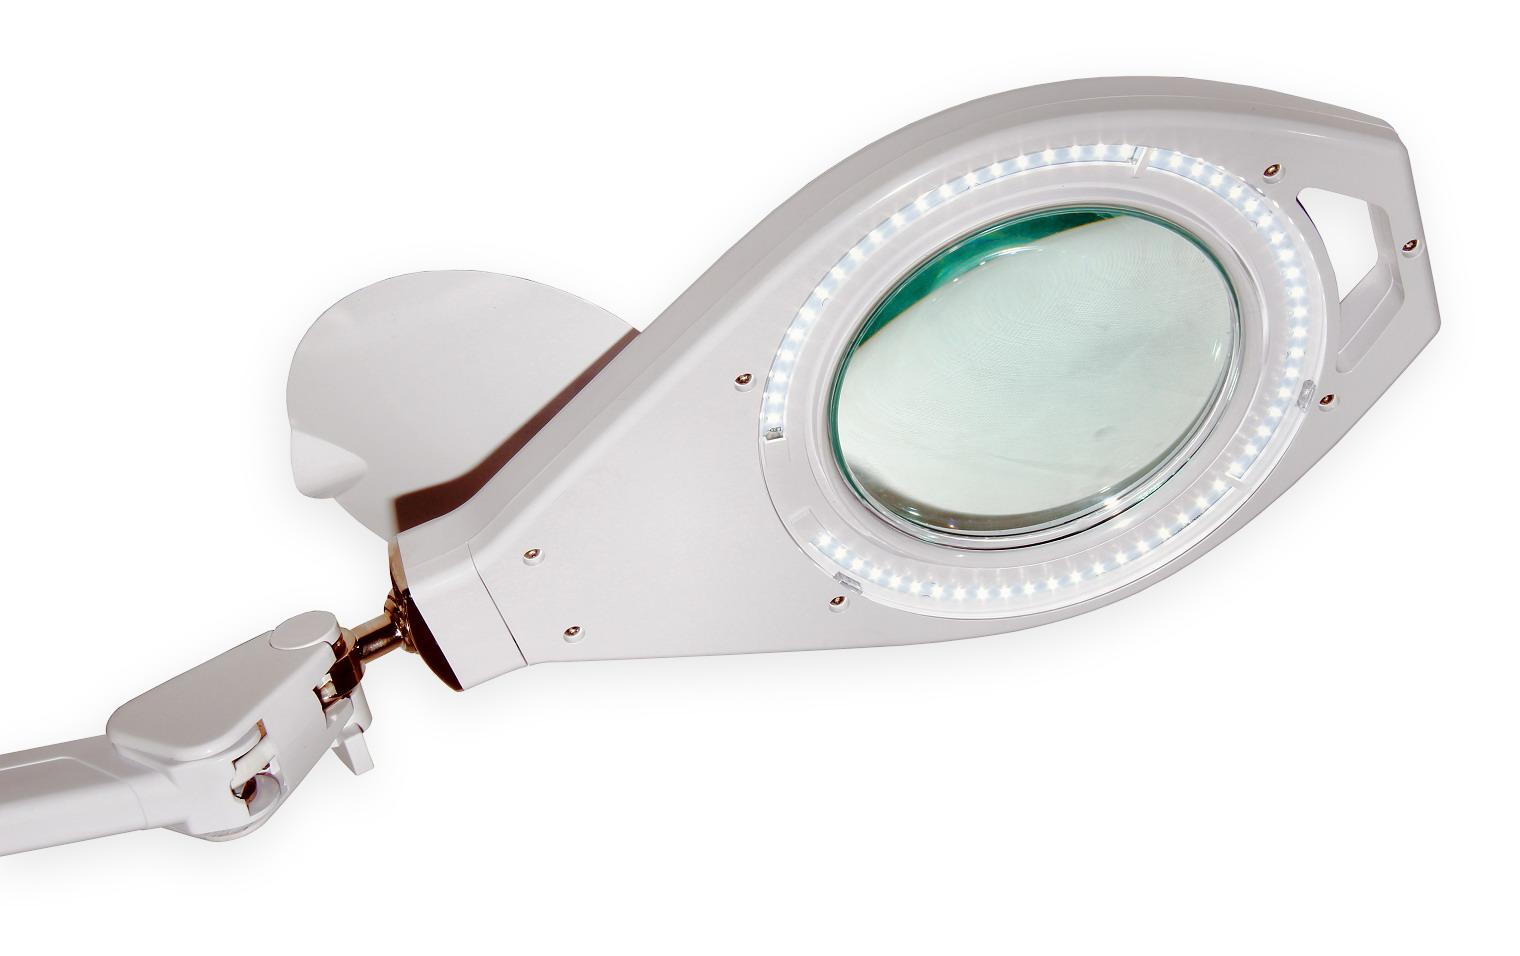 Stolní lampa s LED osvětlením typ LUX zvětšení 5D